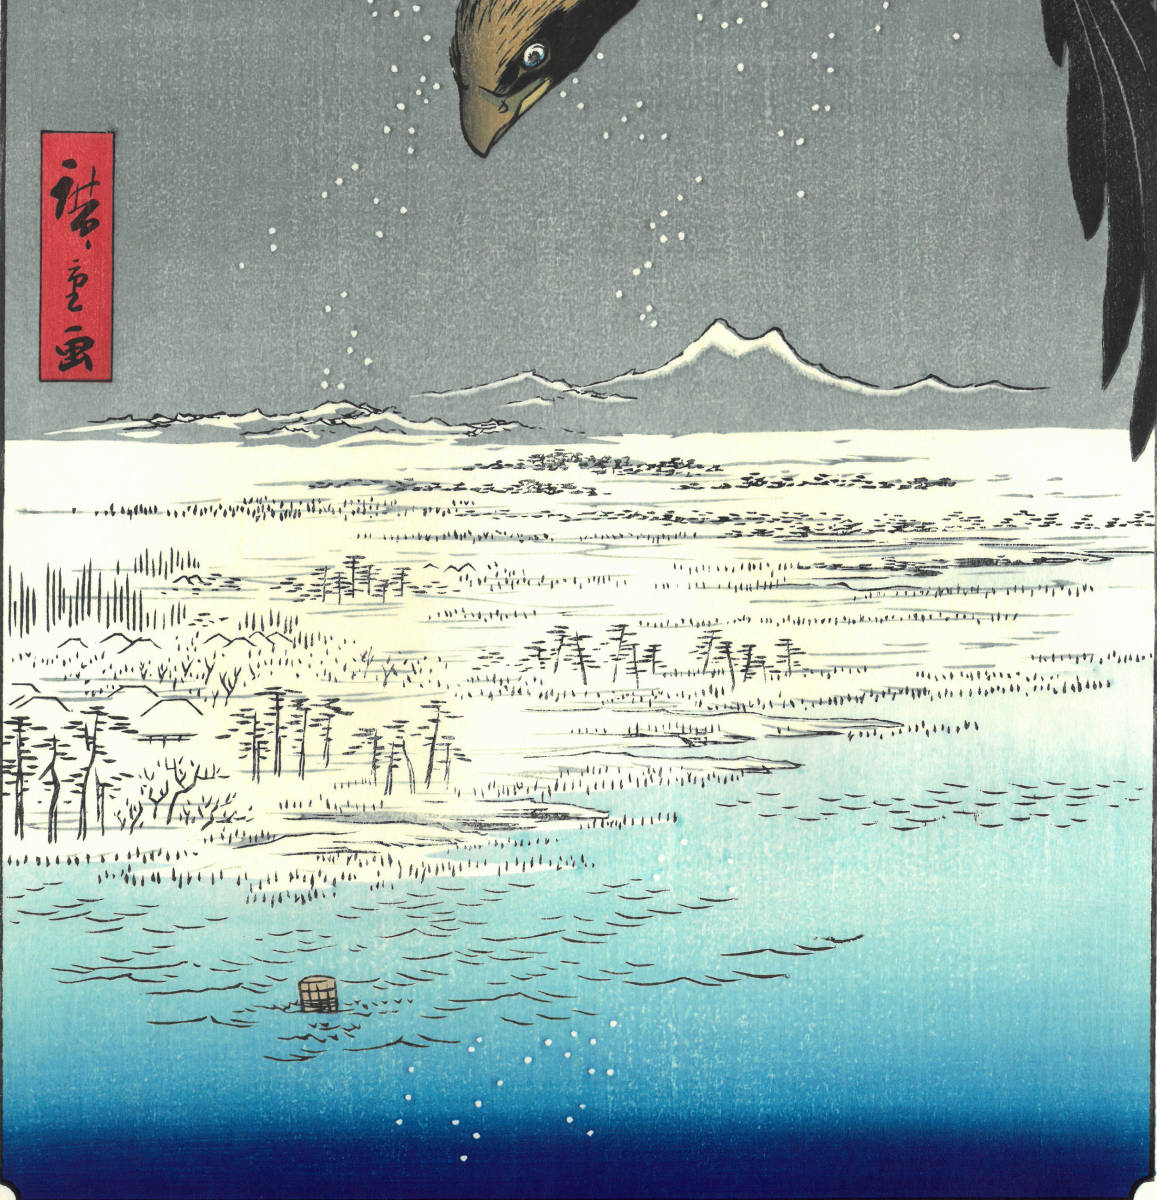 歌川広重 (Utagawa Hiroshige) 木版画 江戸百景 #108. 深川州崎十万坪  初版1856-58年頃  広重の木版画の真の素晴らしさをご堪能下さい! _画像7